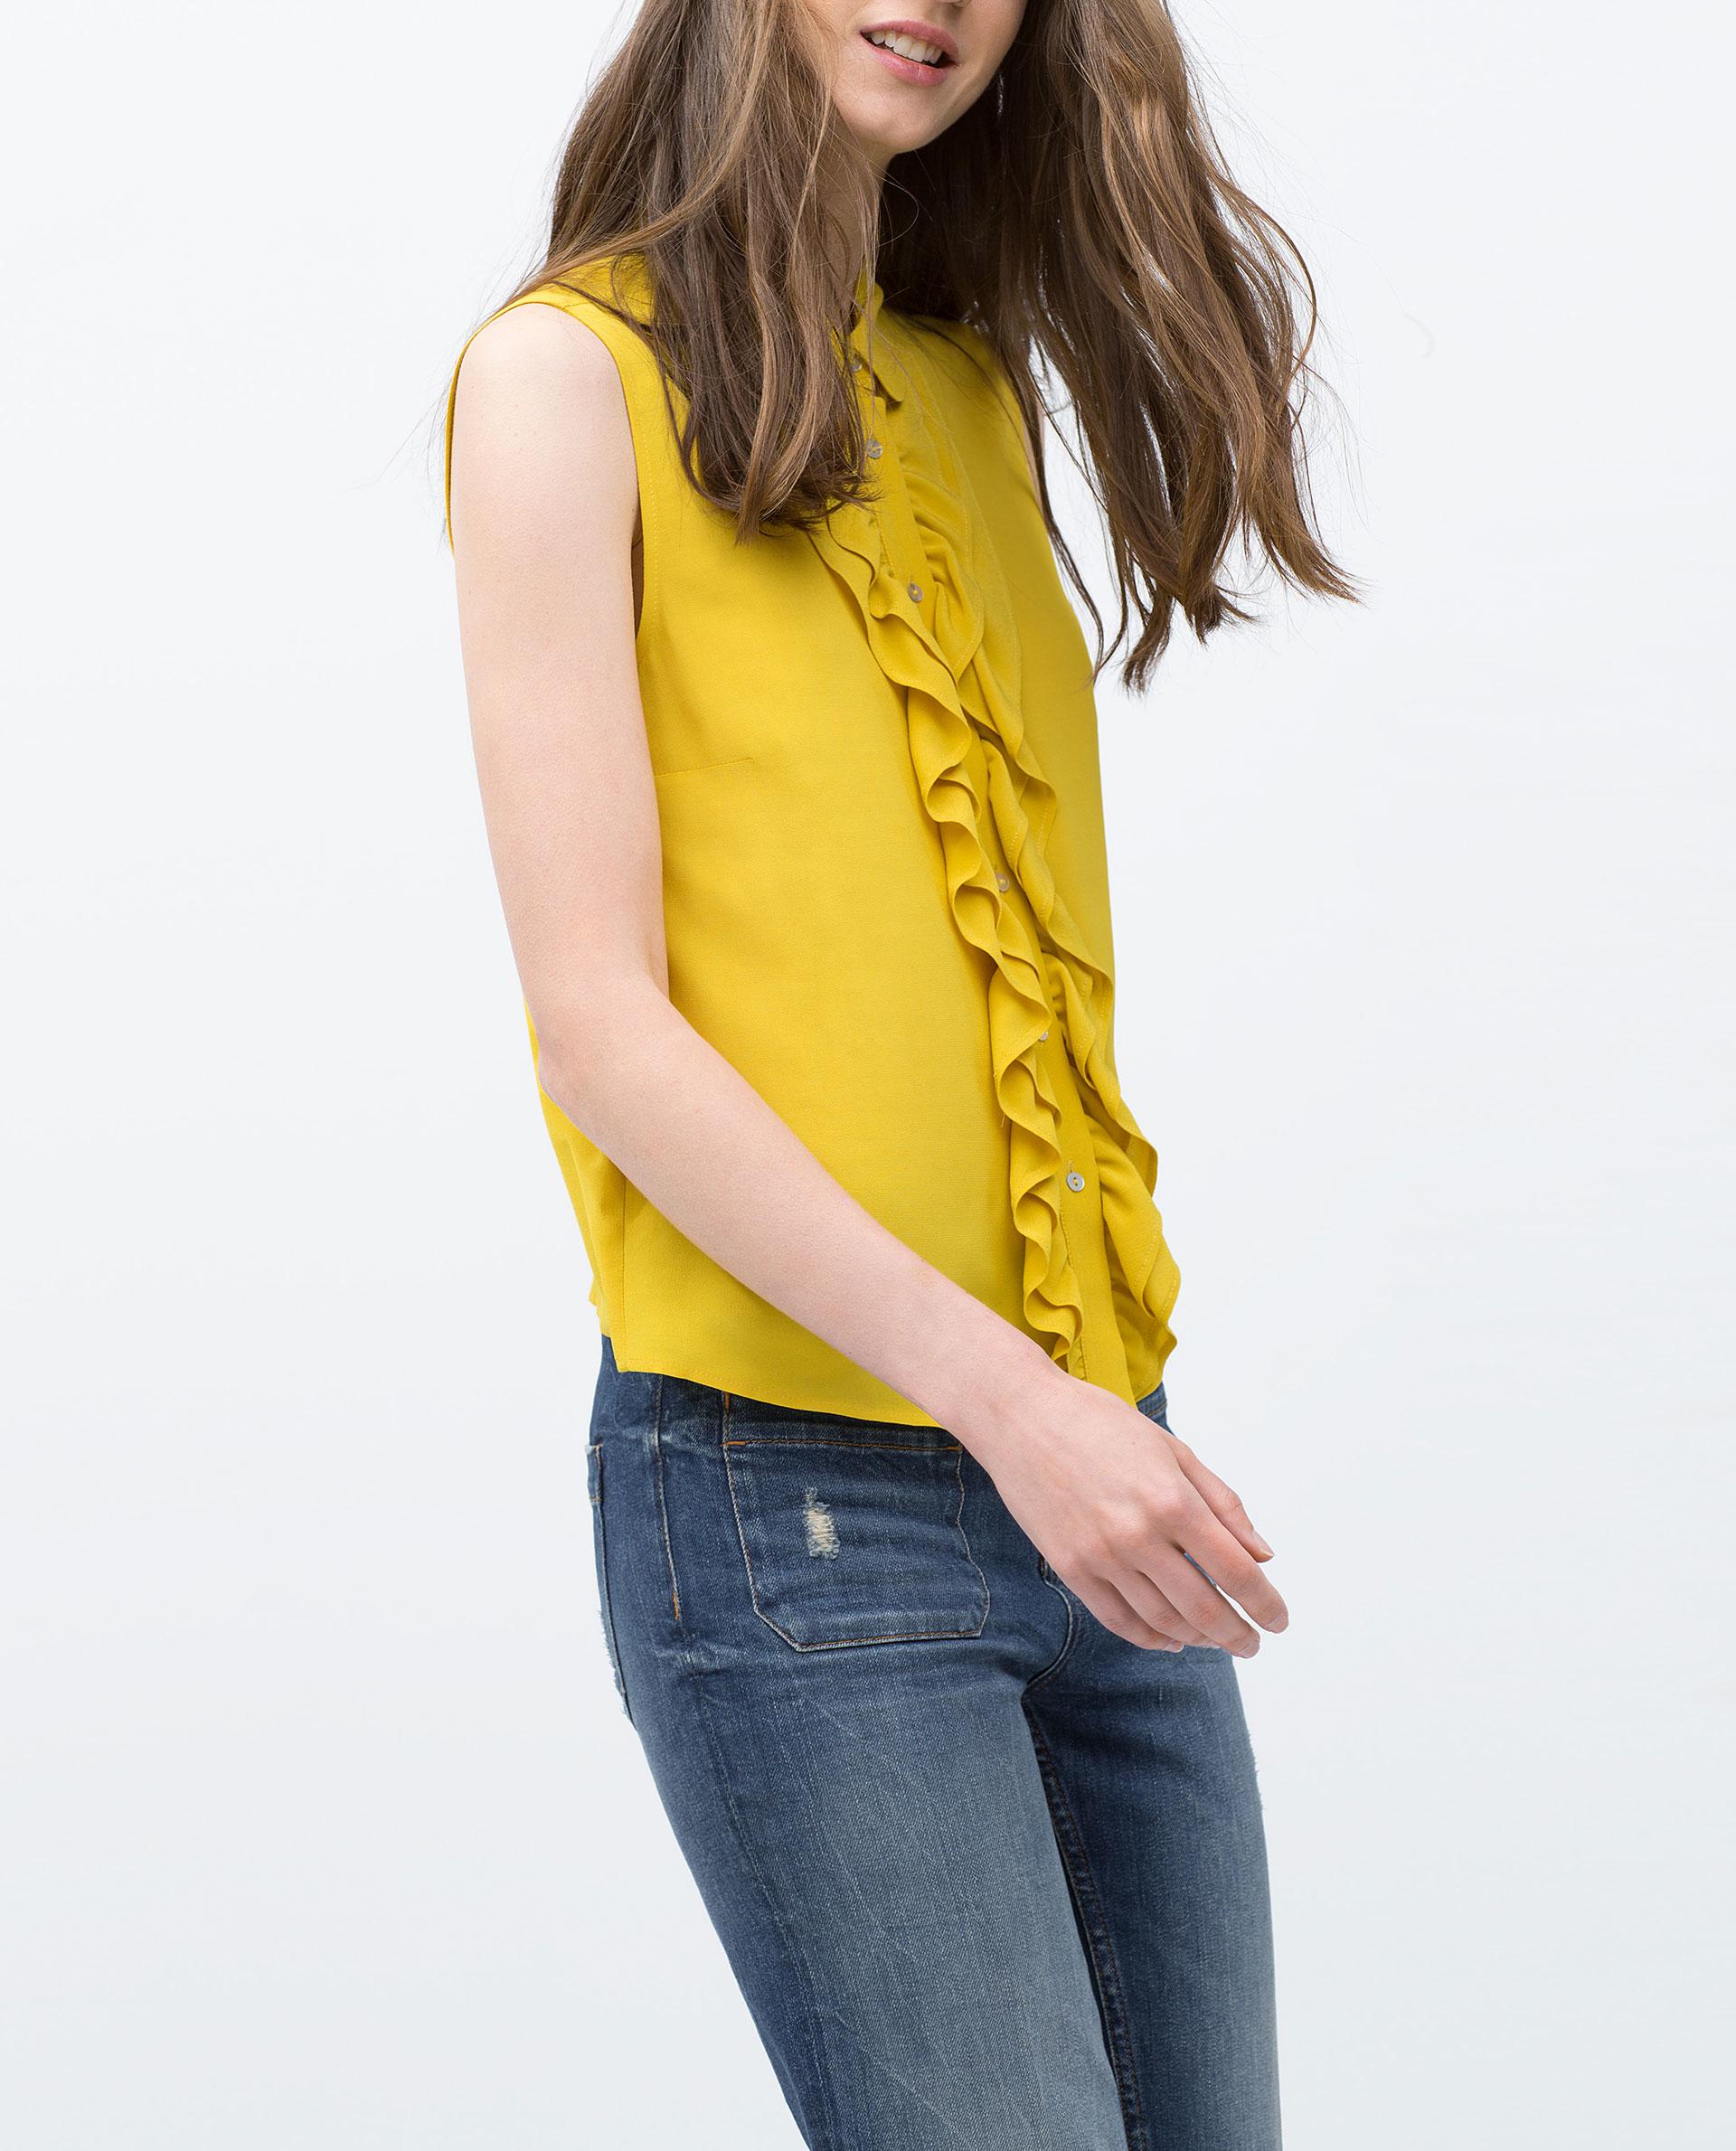 Zara Yellow Viscose Blouse 25